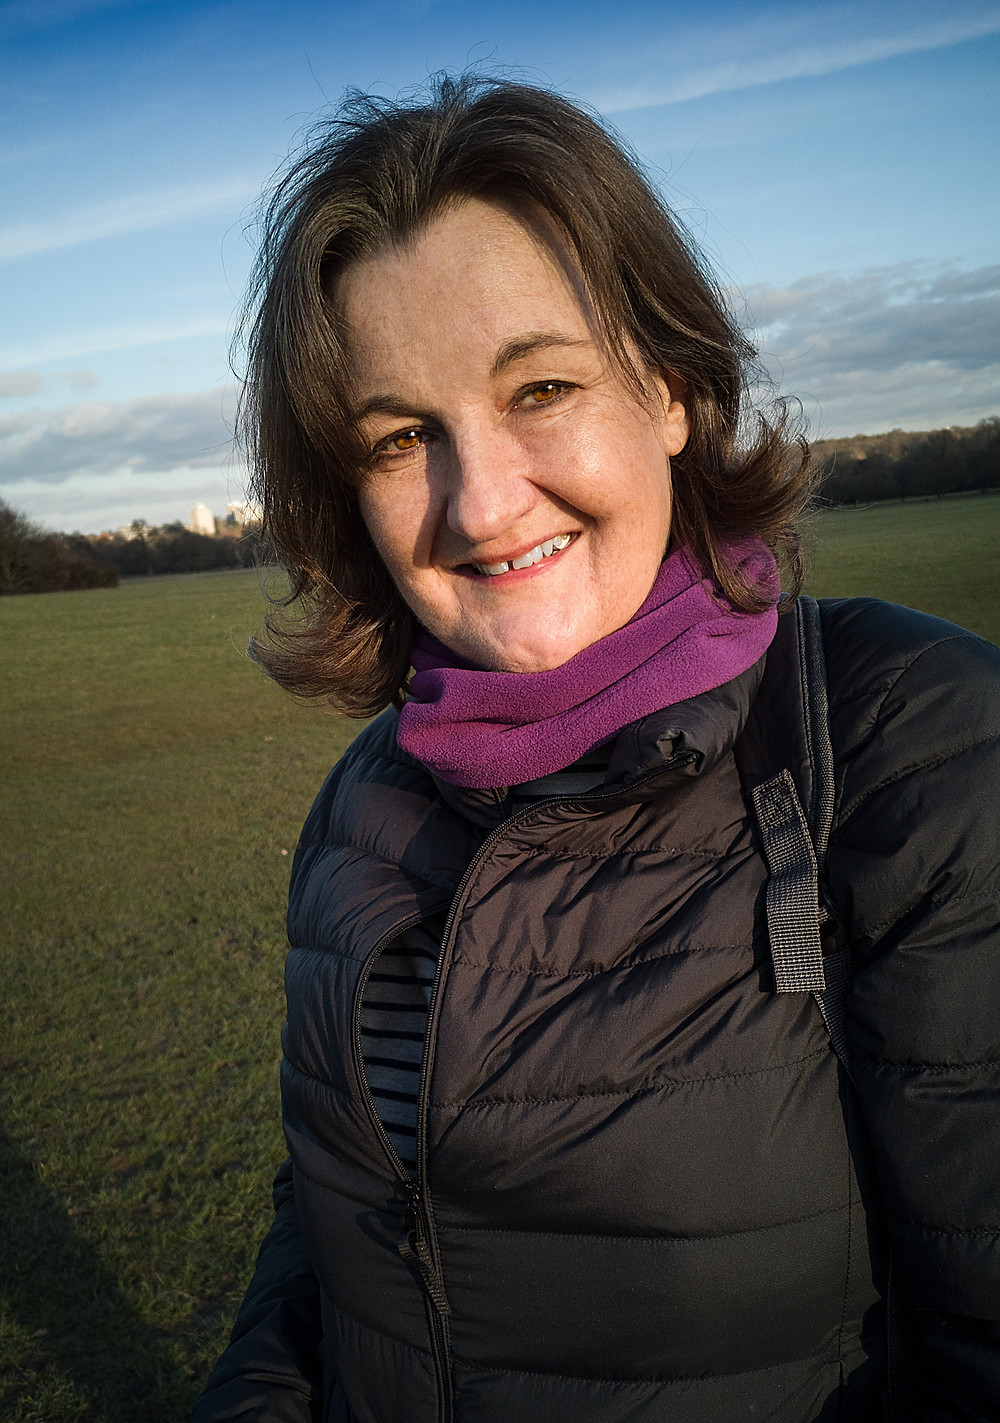 vonHilda in the park